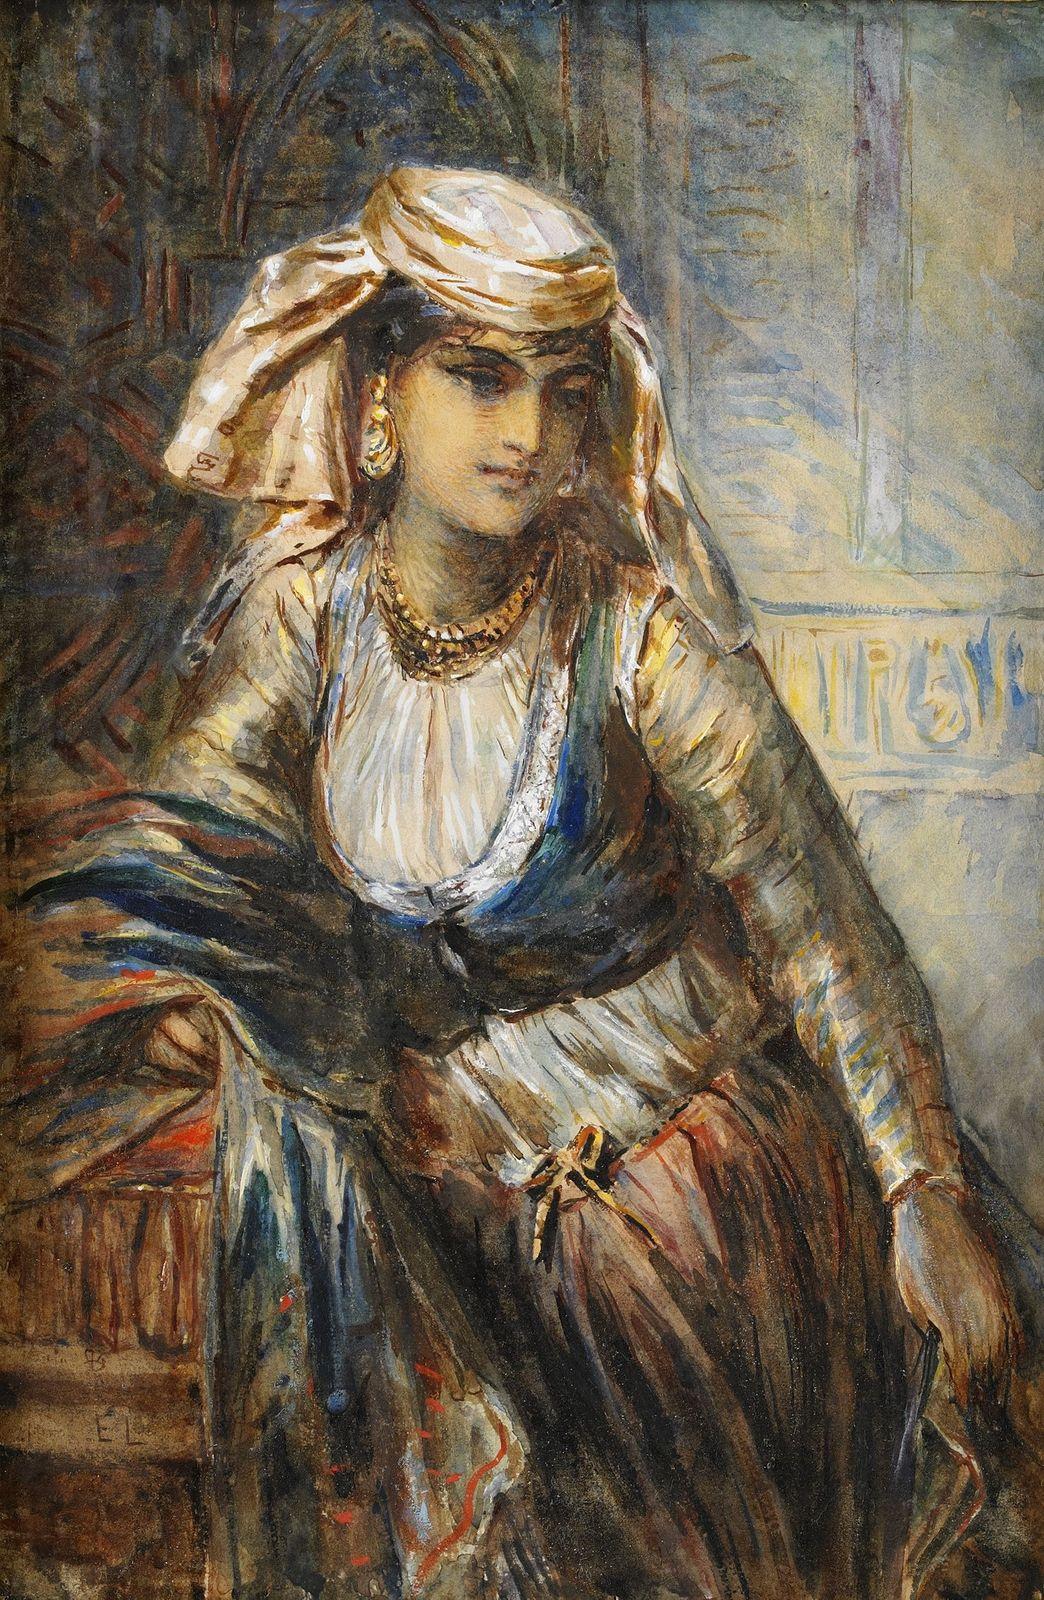 Egron Lundgren. Egyptian girl